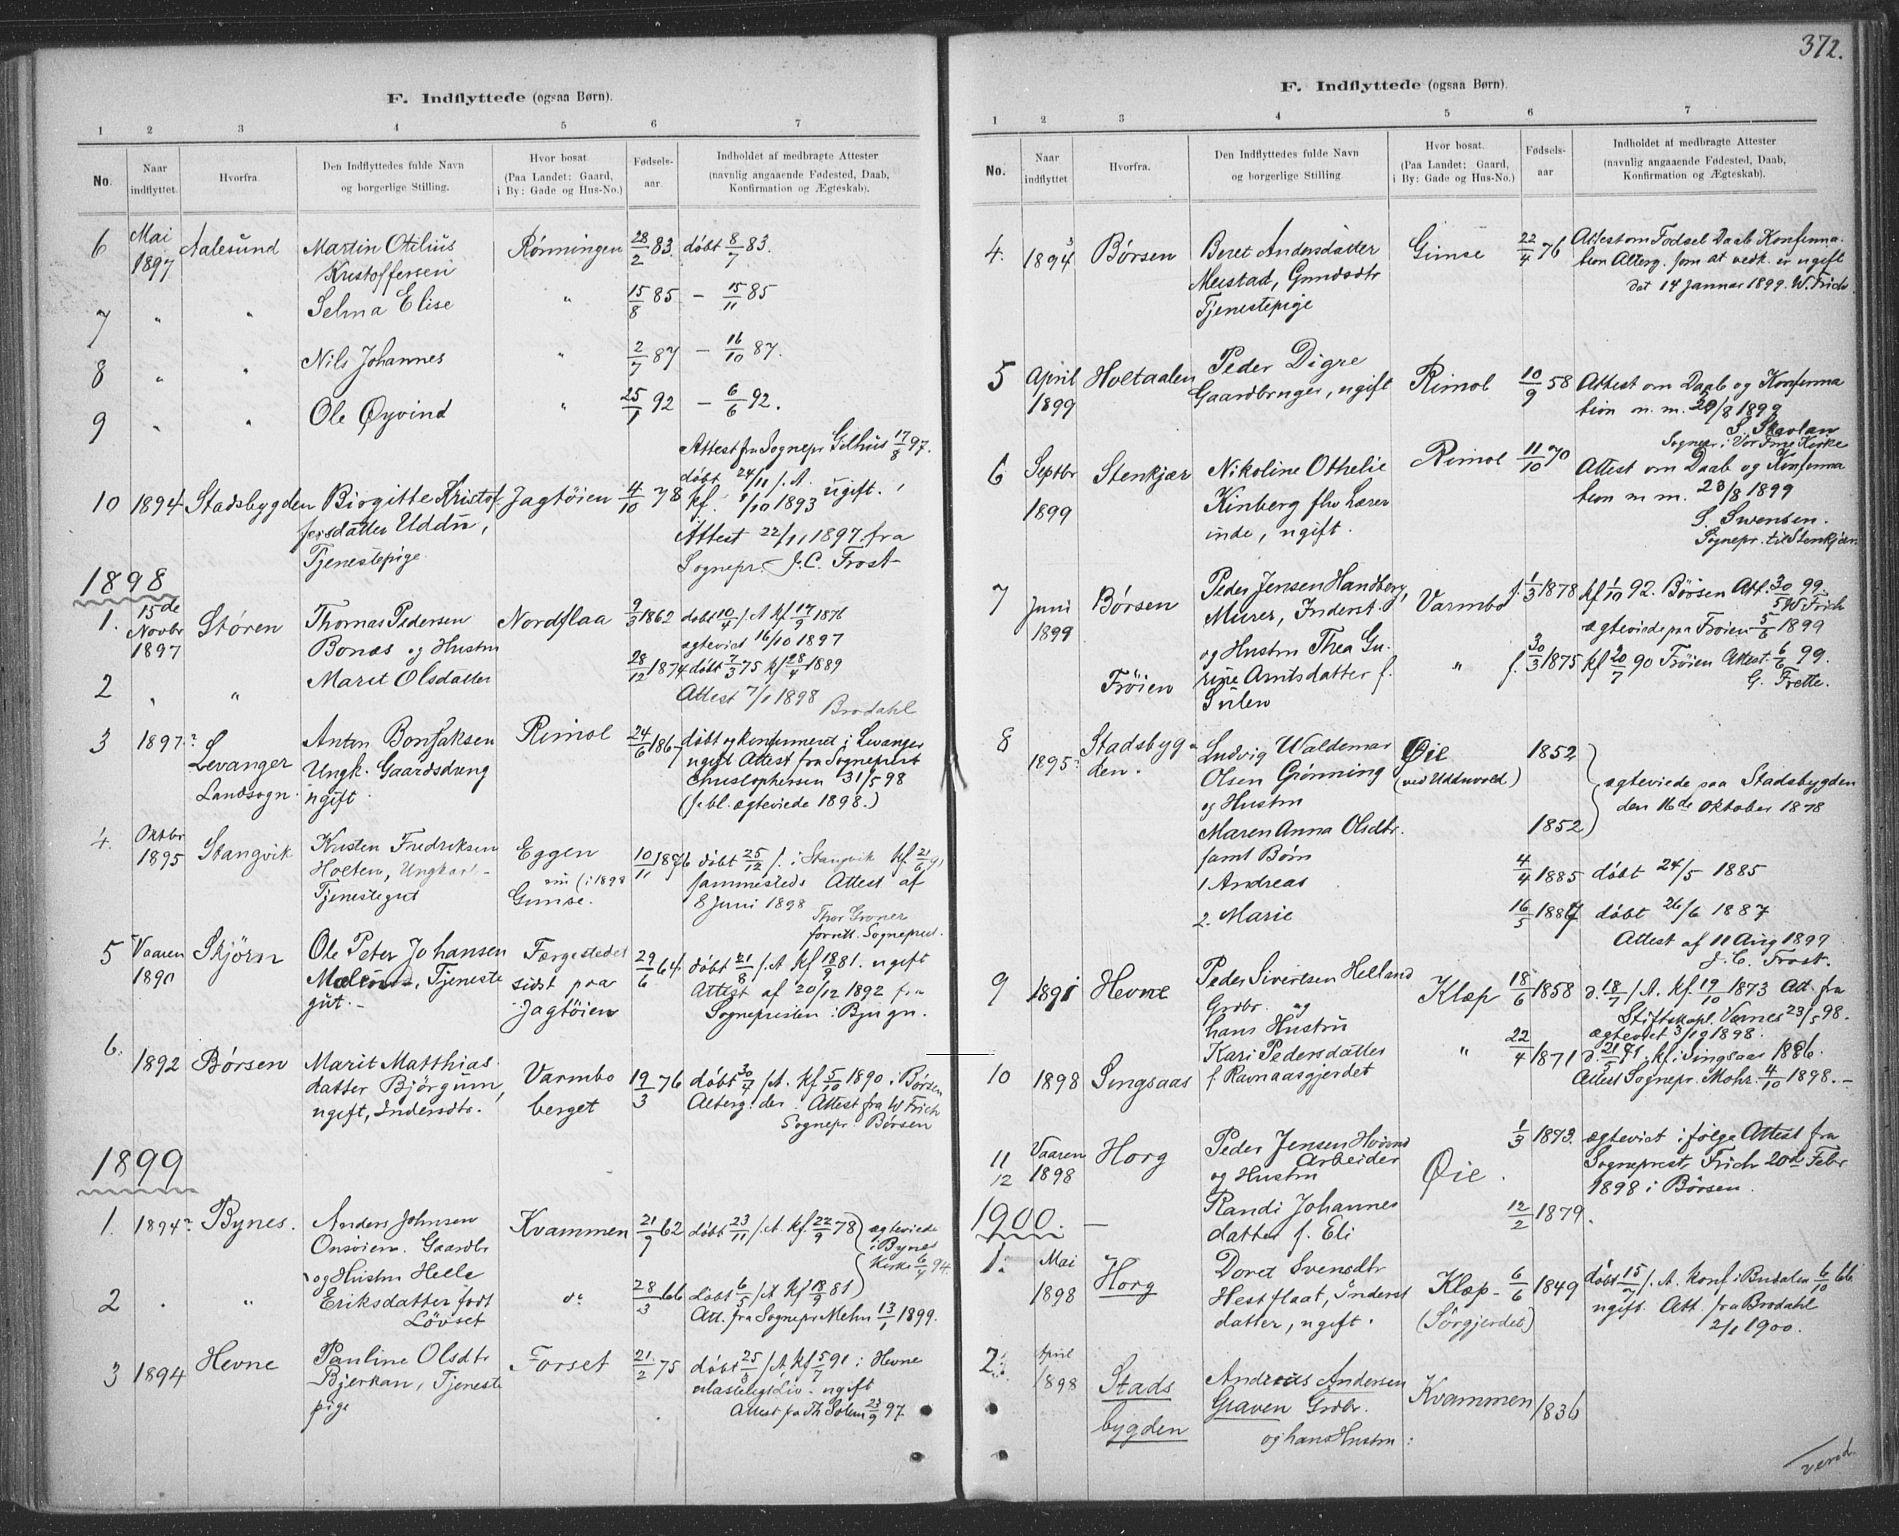 SAT, Ministerialprotokoller, klokkerbøker og fødselsregistre - Sør-Trøndelag, 691/L1085: Ministerialbok nr. 691A17, 1887-1908, s. 372